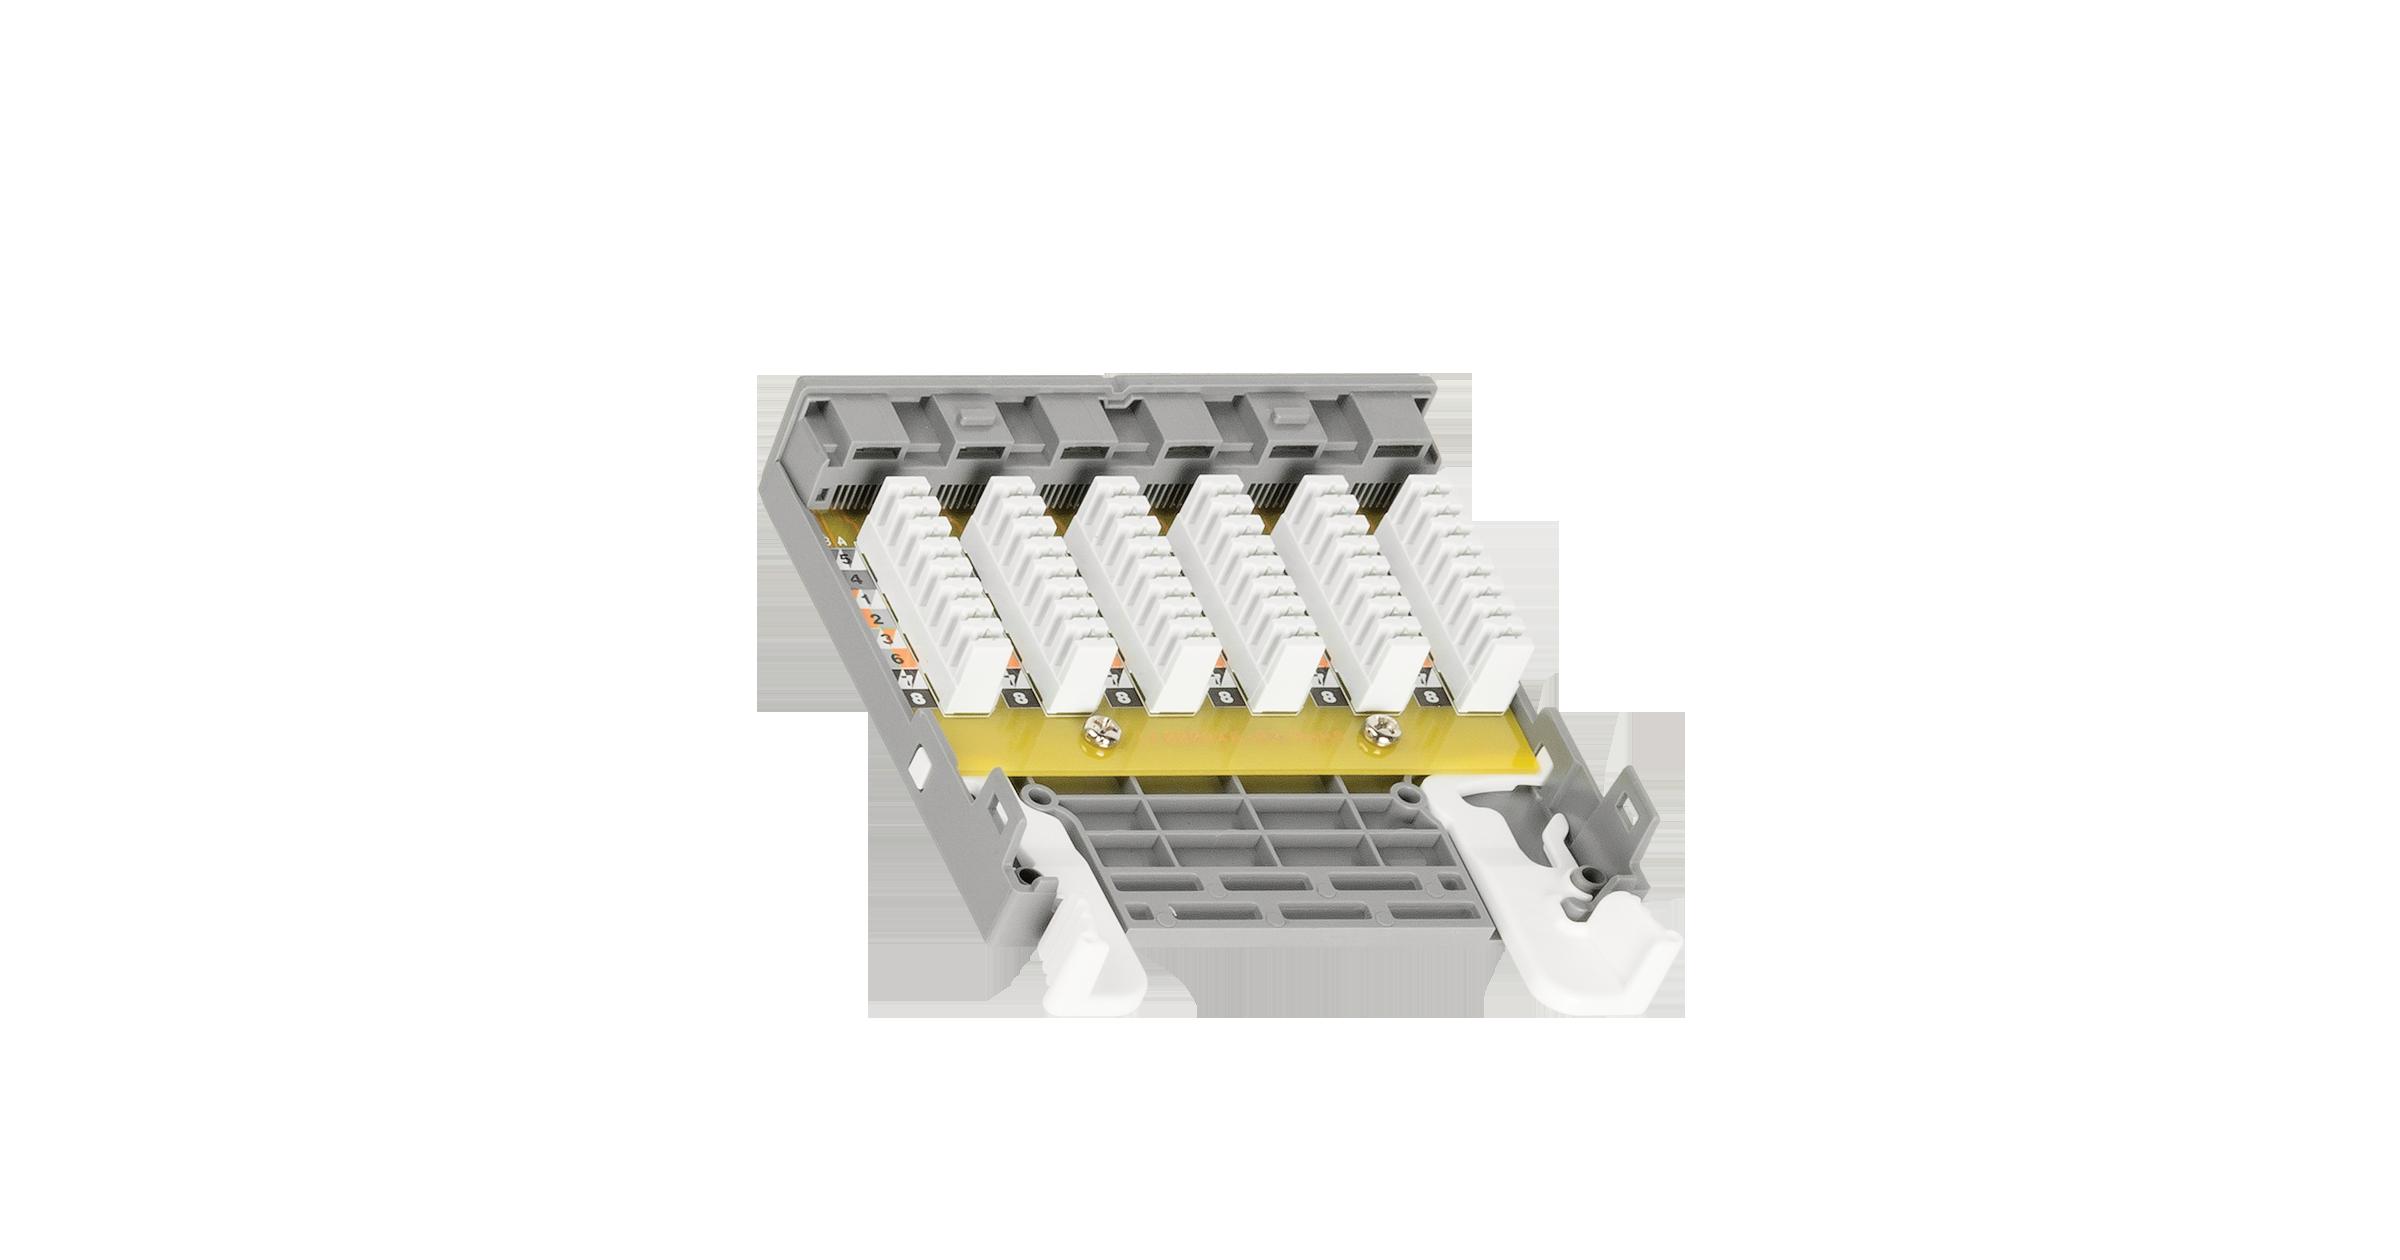 Кассетный модуль-вставка NIKOMAX, для панели серии CJ, 1 слот, 6 портов, Кат.6 (Класс E), 250МГц, RJ45/8P8C, 110/KRONE, T568A/B, неэкранированный, серый - гарантия: 5 лет расширенная / 25 лет системная